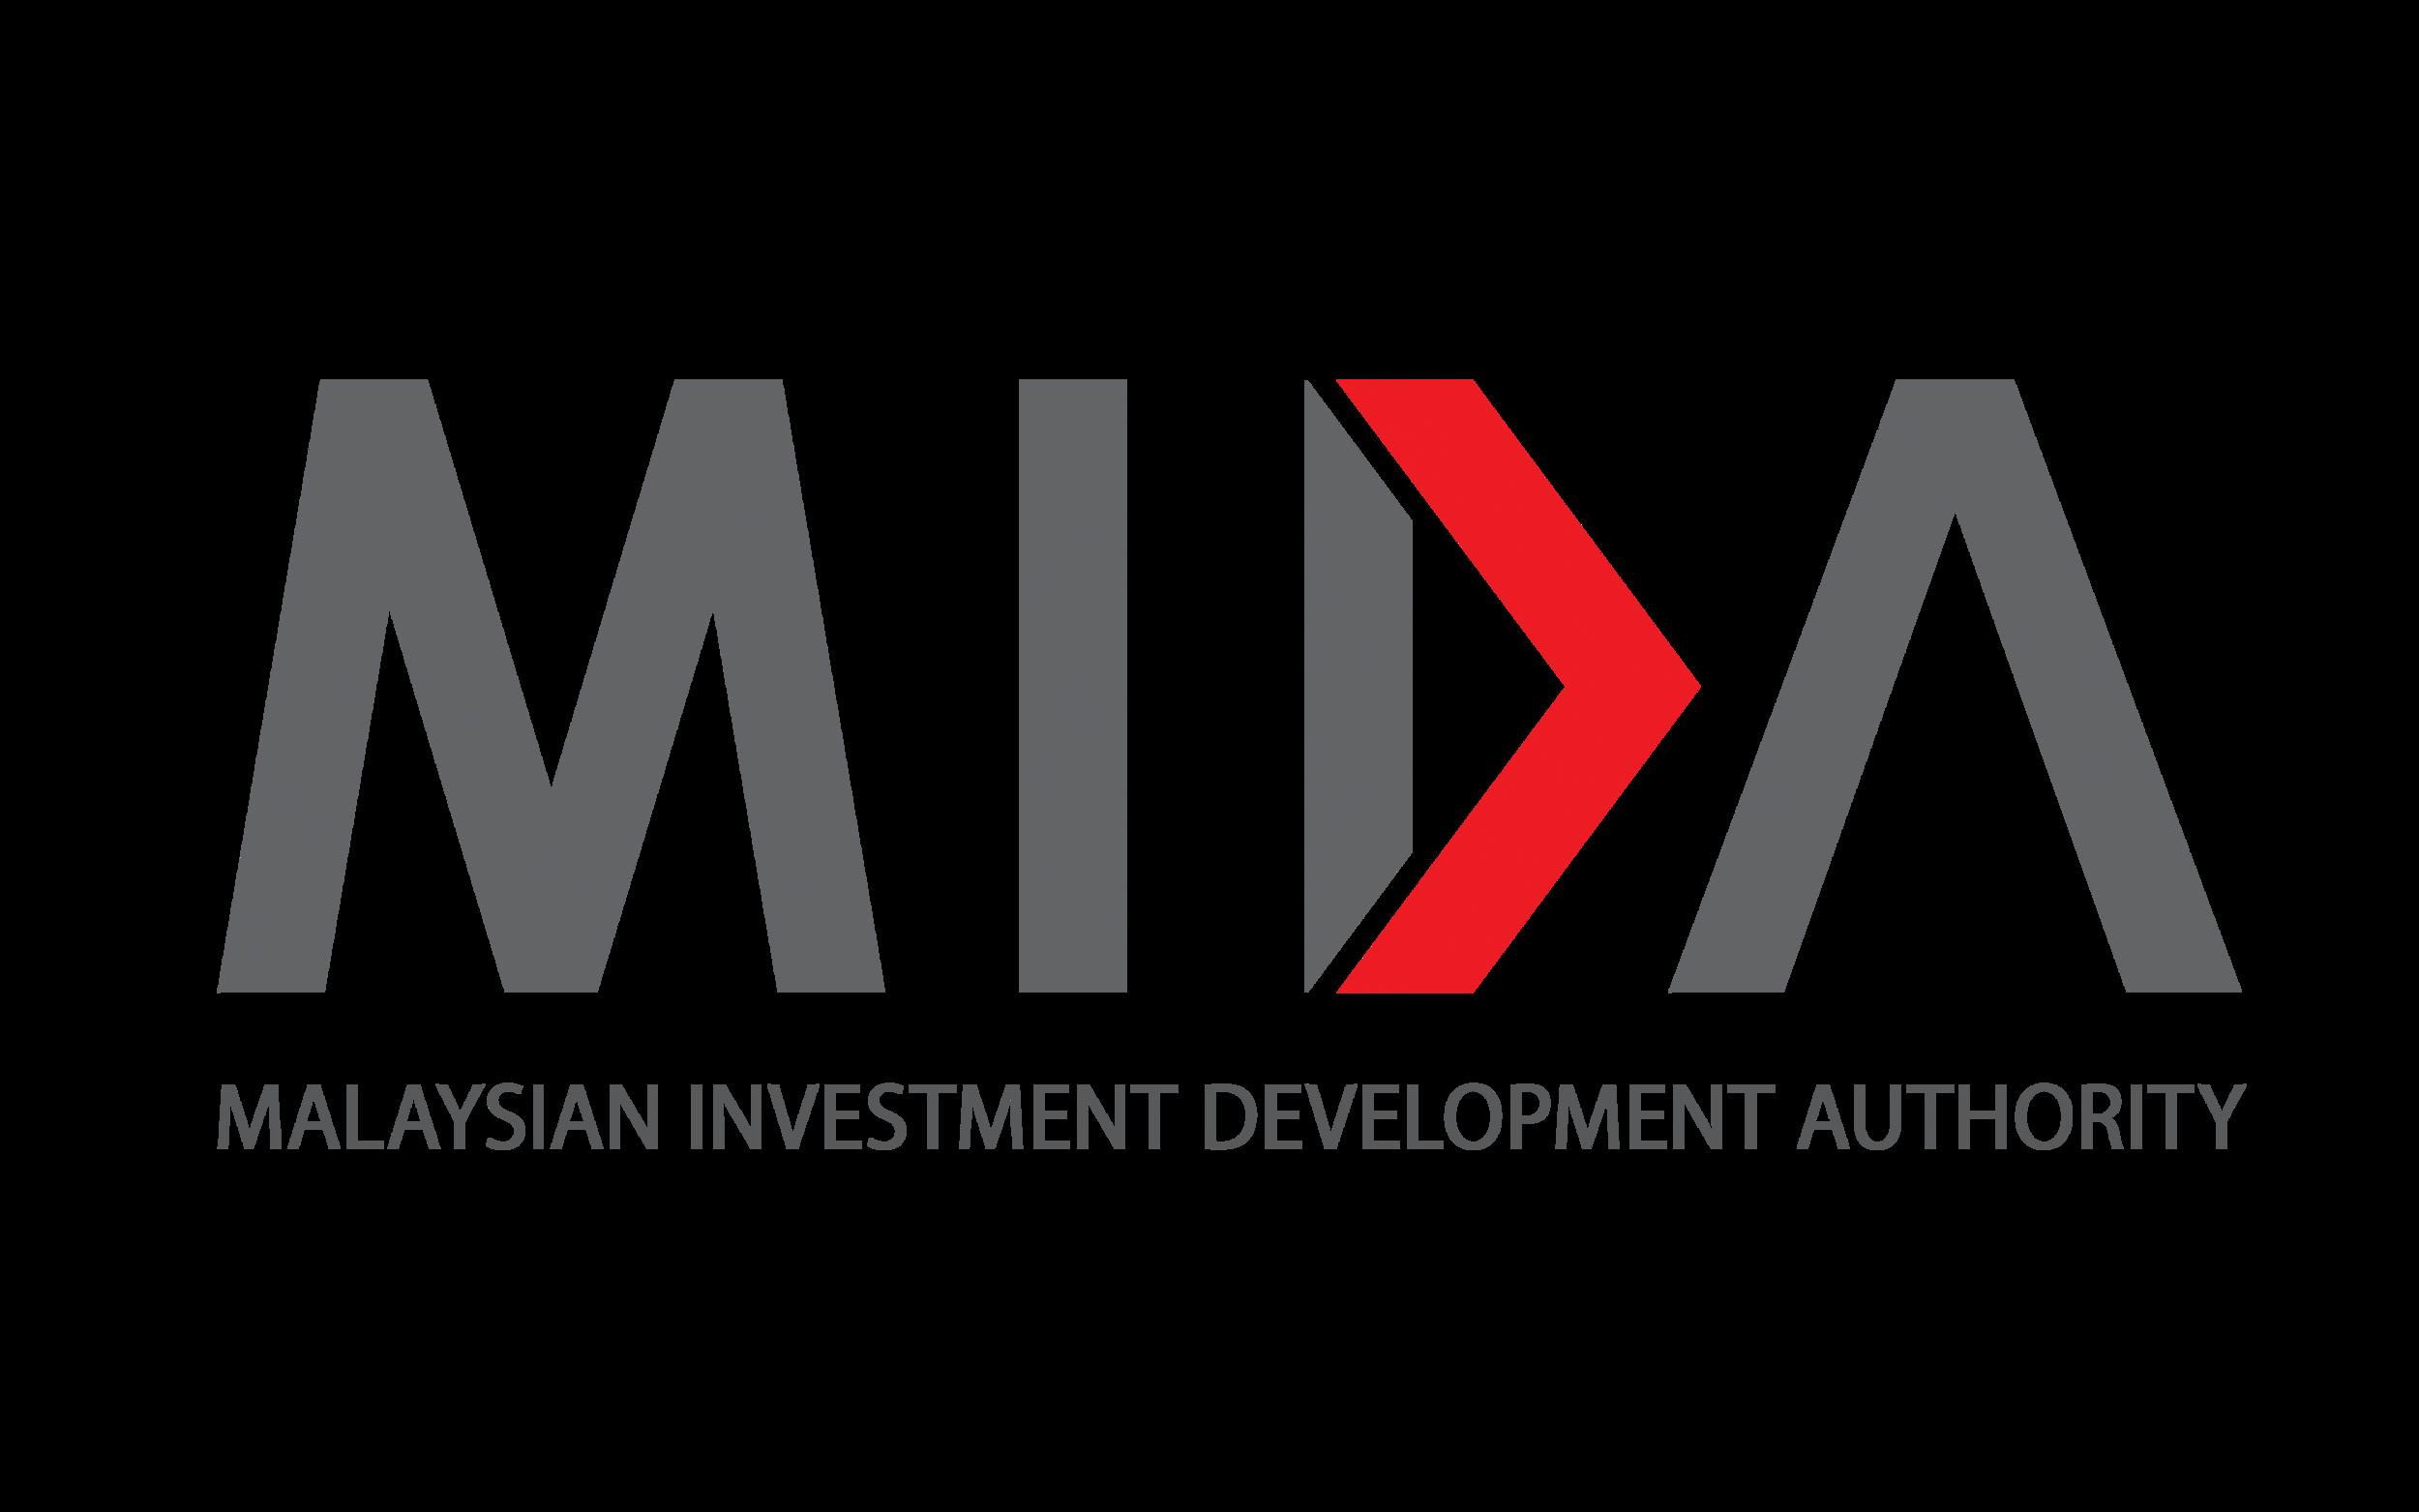 20181108133040_logo mida.png